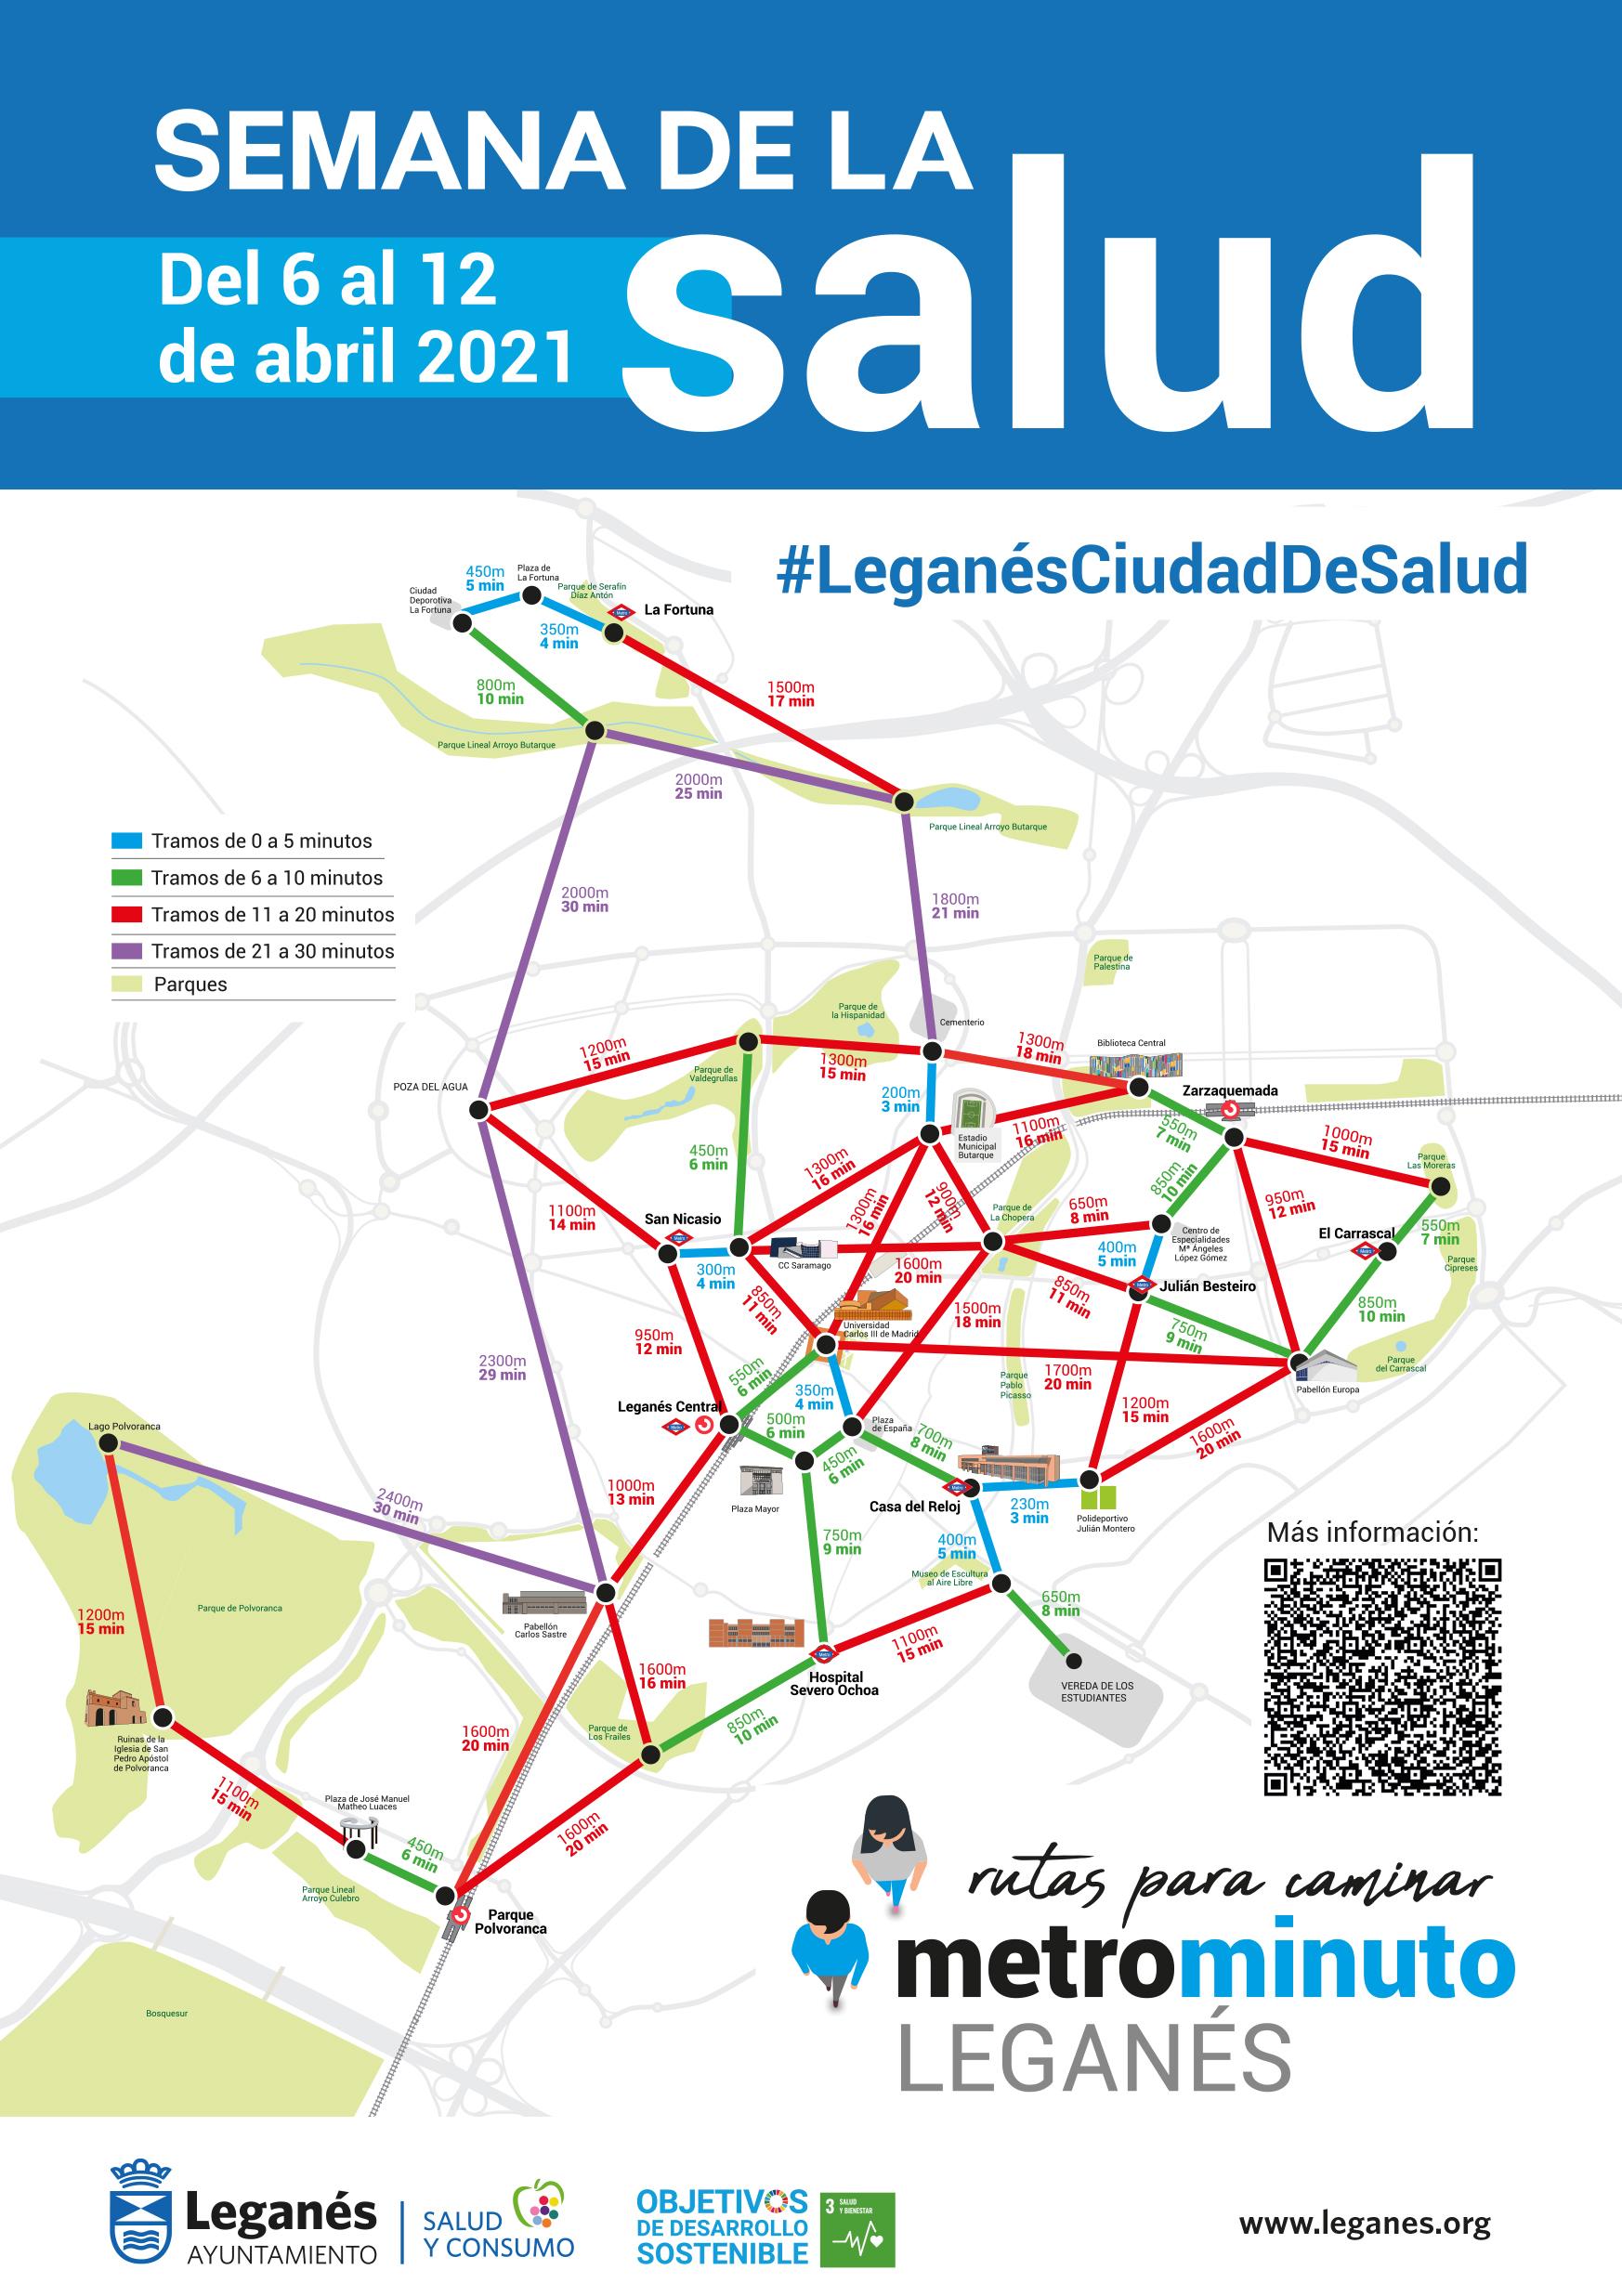 El Ayuntamiento de Leganés pondrá en valor el esfuerzo ciudadano en los momentos más duros de la pandemia durante la XII Semana de la Salud